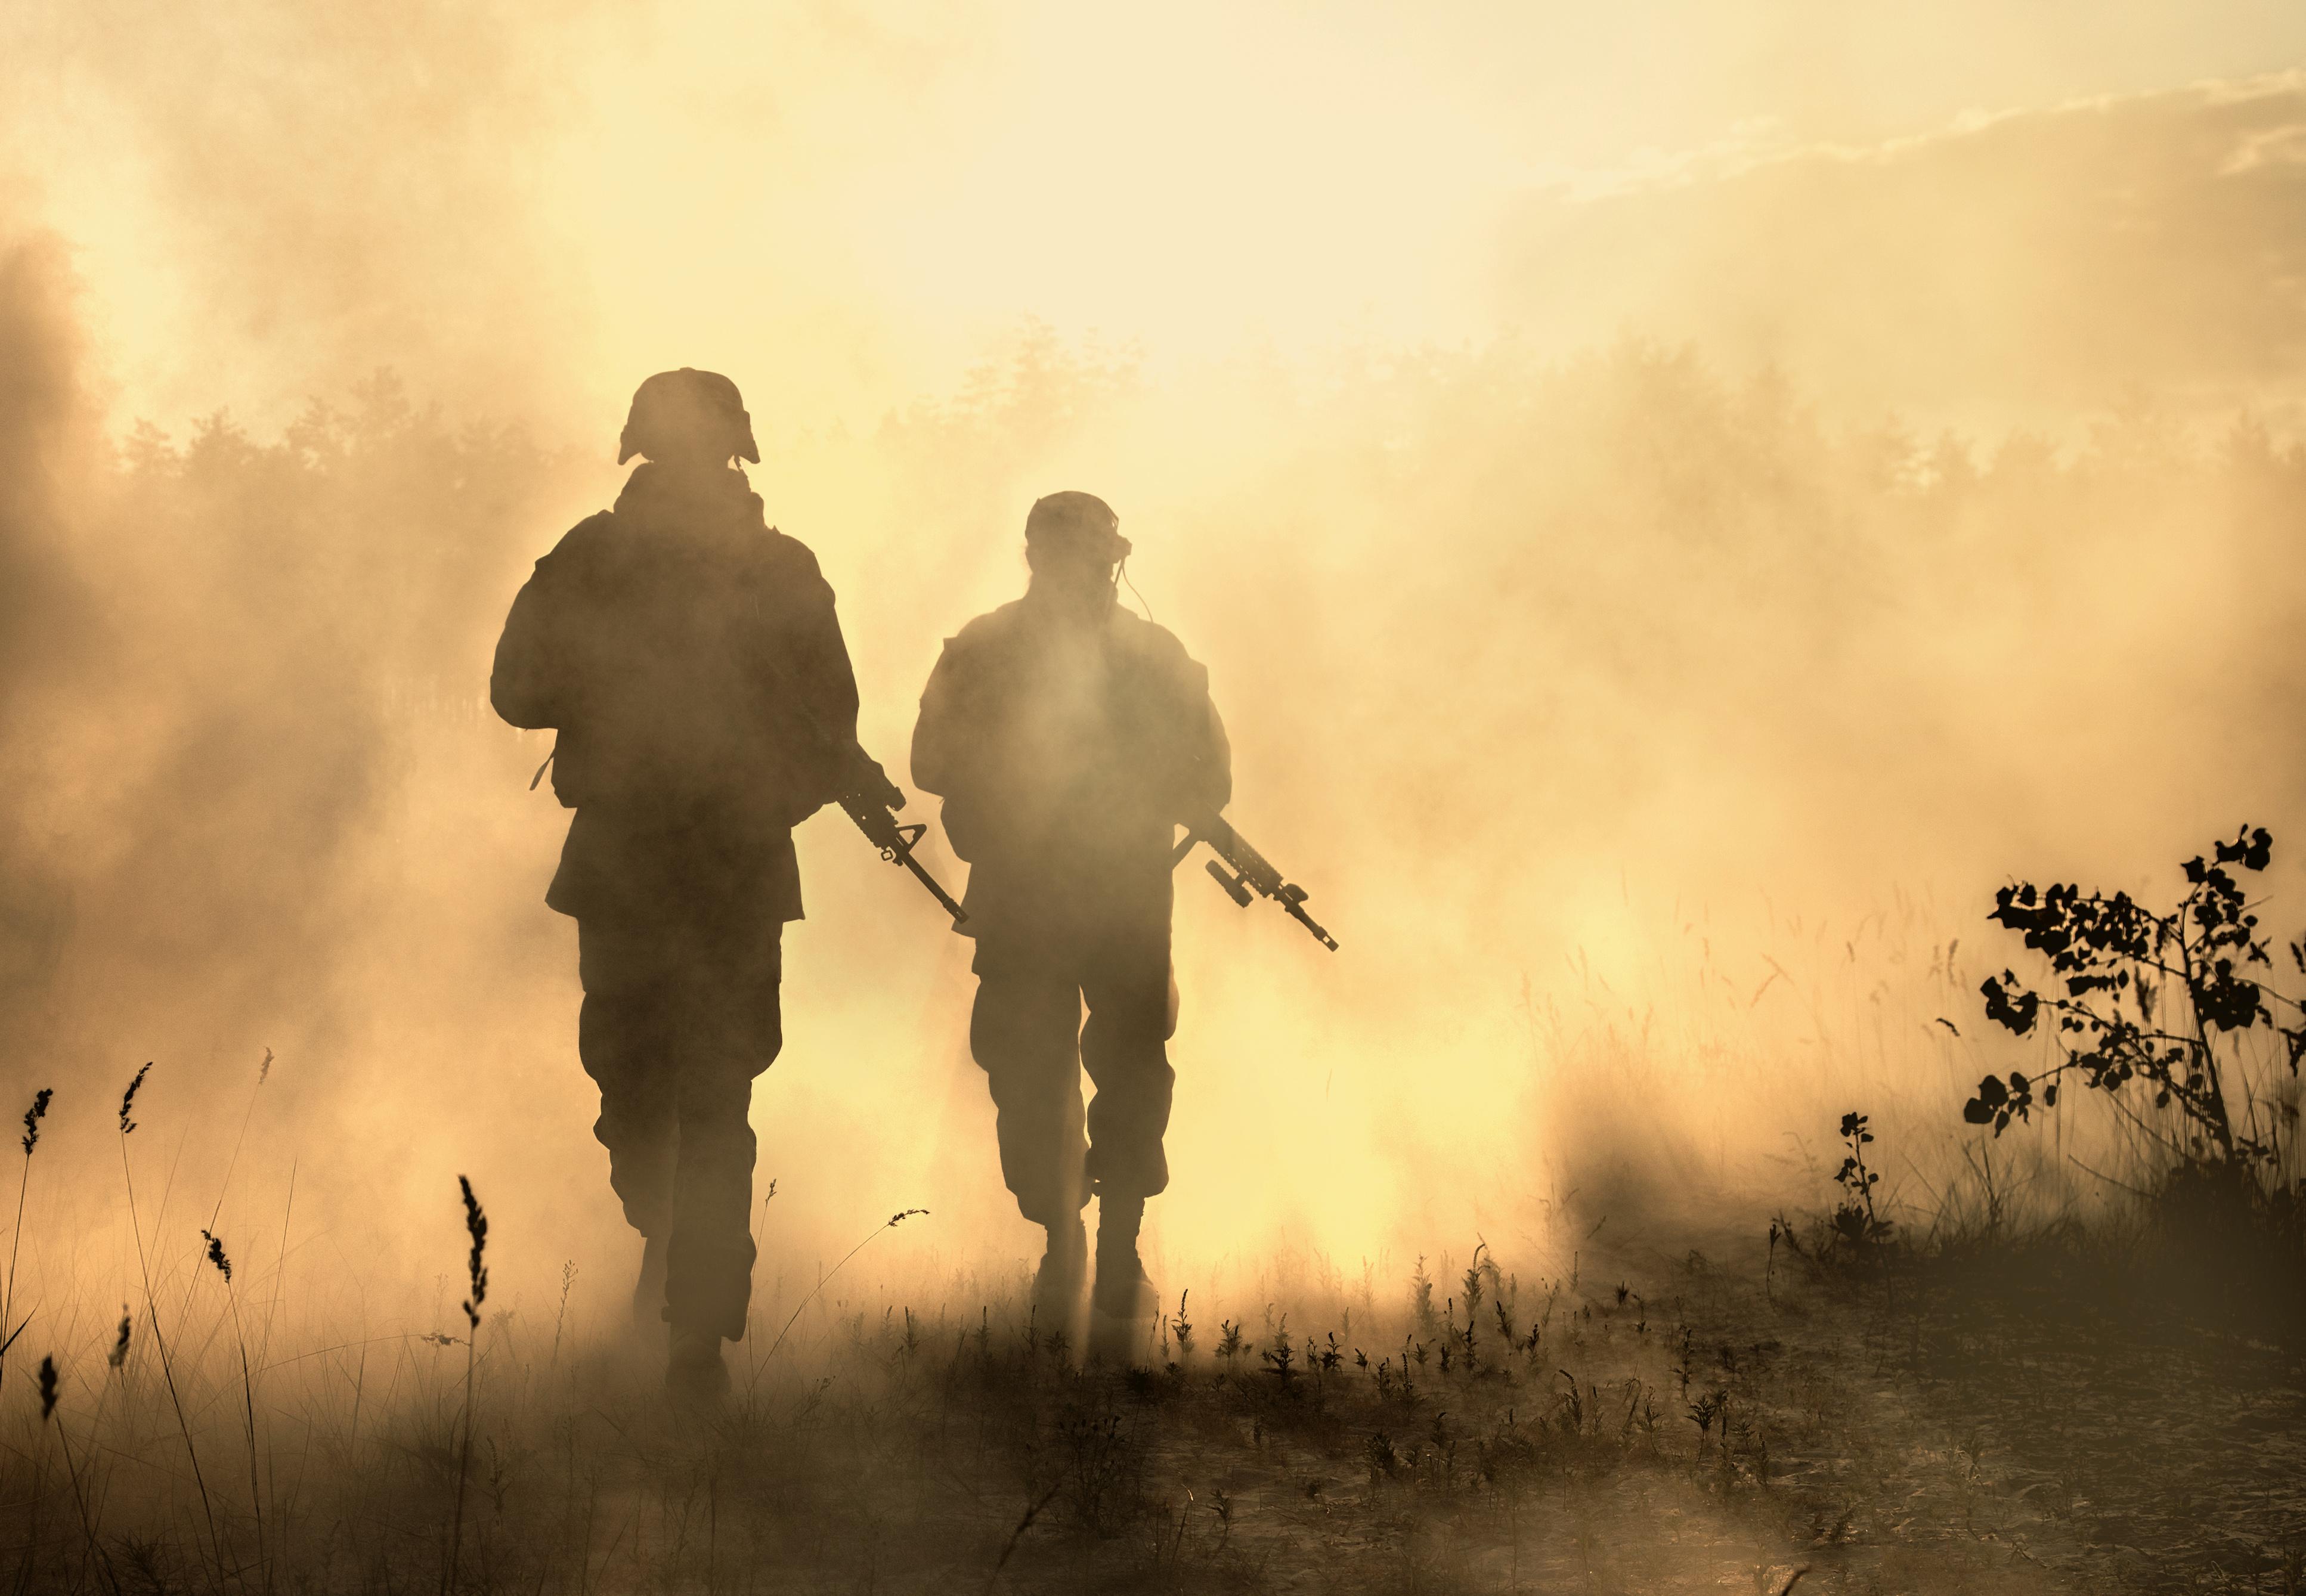 US Marines in action. Desert sandstorm